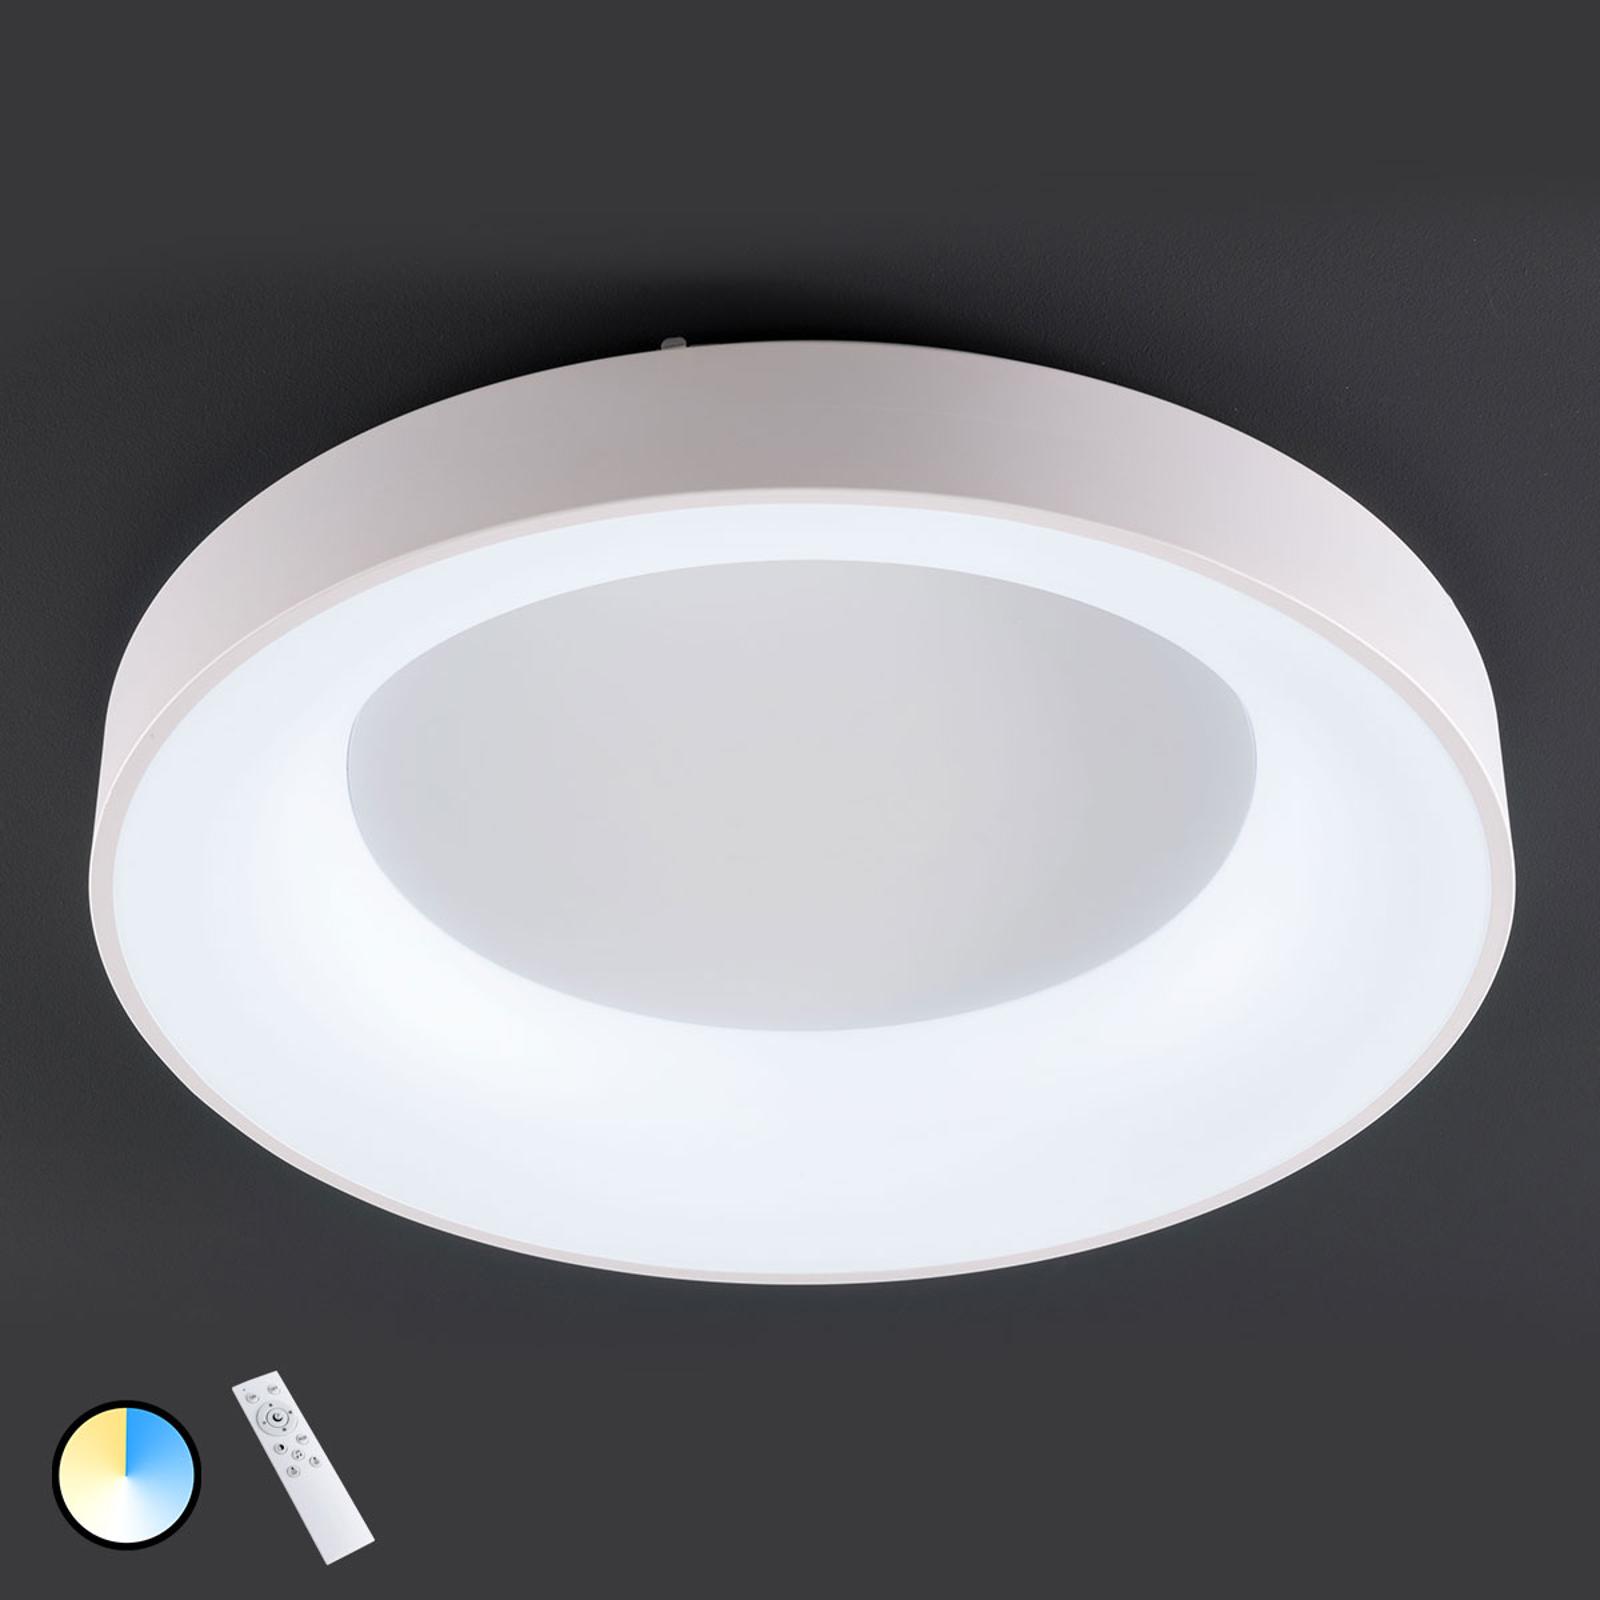 Cameron – LED-taklampe med fjernkontroll, Ø78cm